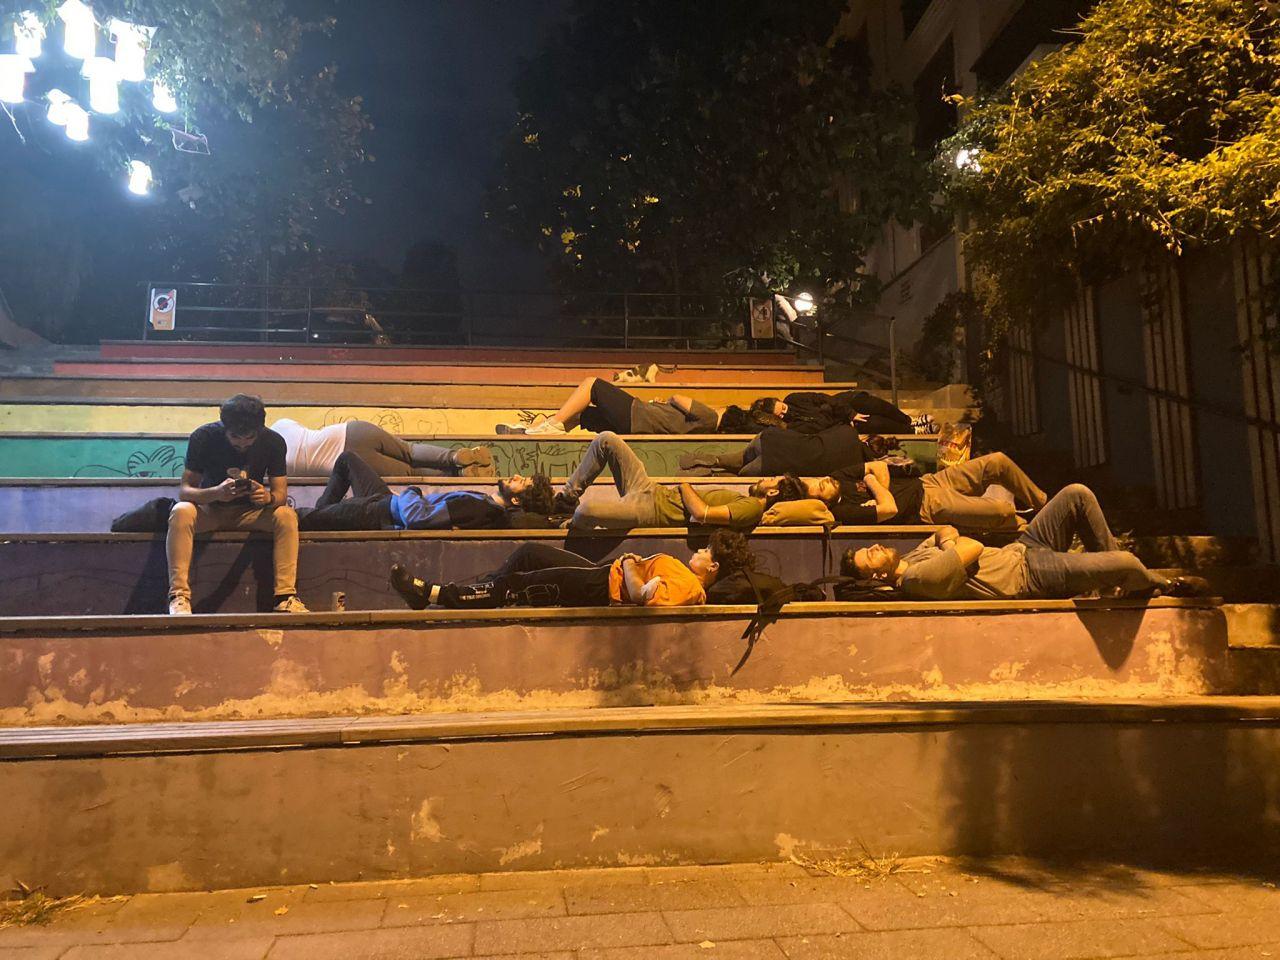 Öğrenciler fahiş kiralara isyan etti: Parkta yattılar! - Sayfa:2